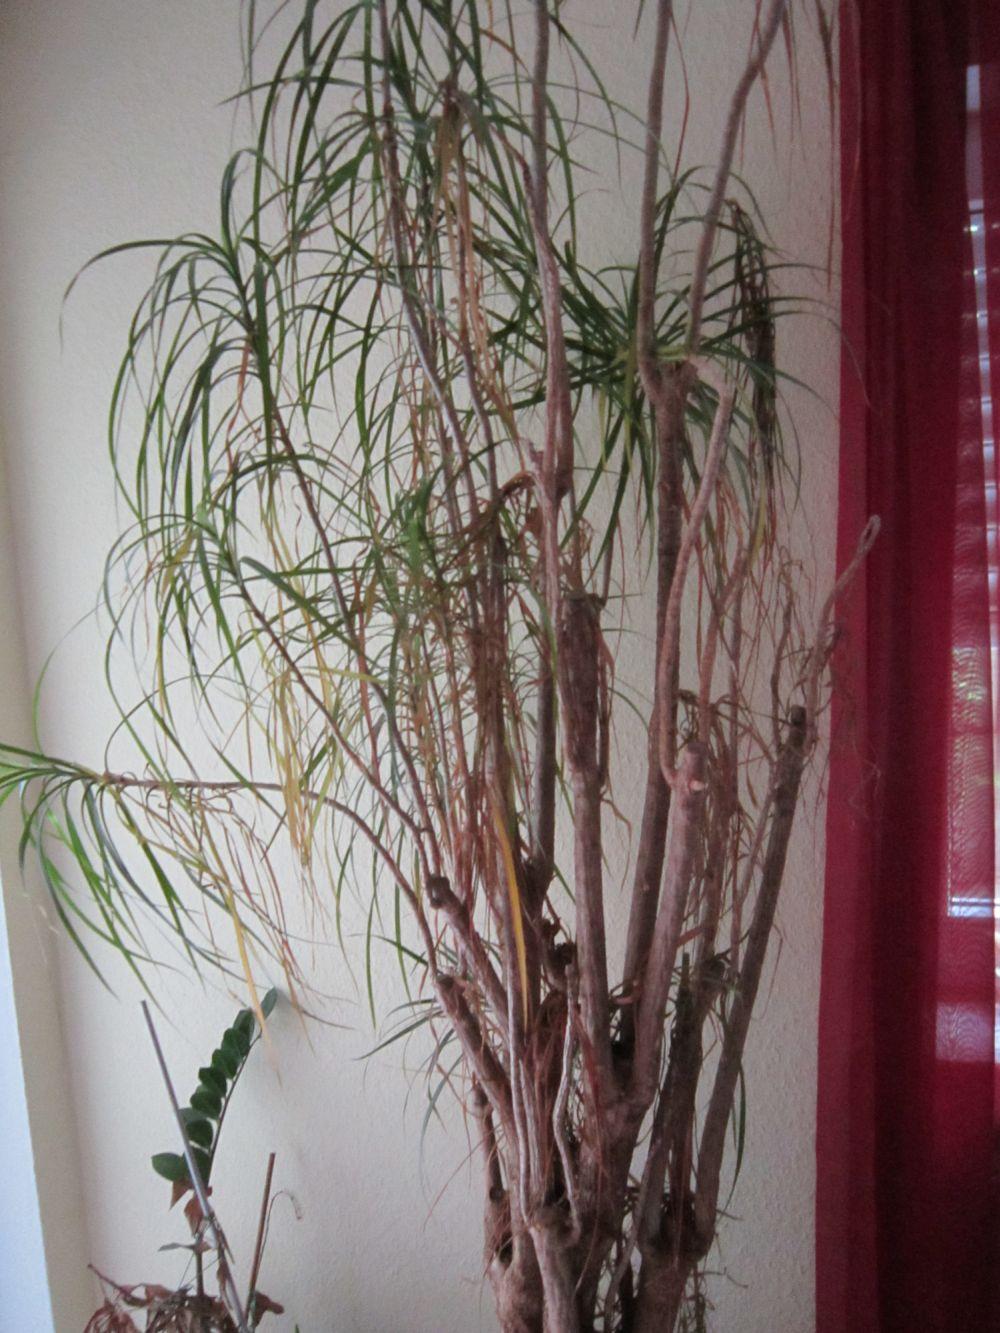 drachenbaum am absterben was tun pflanzenkrankheiten sch dlinge green24 hilfe pflege. Black Bedroom Furniture Sets. Home Design Ideas